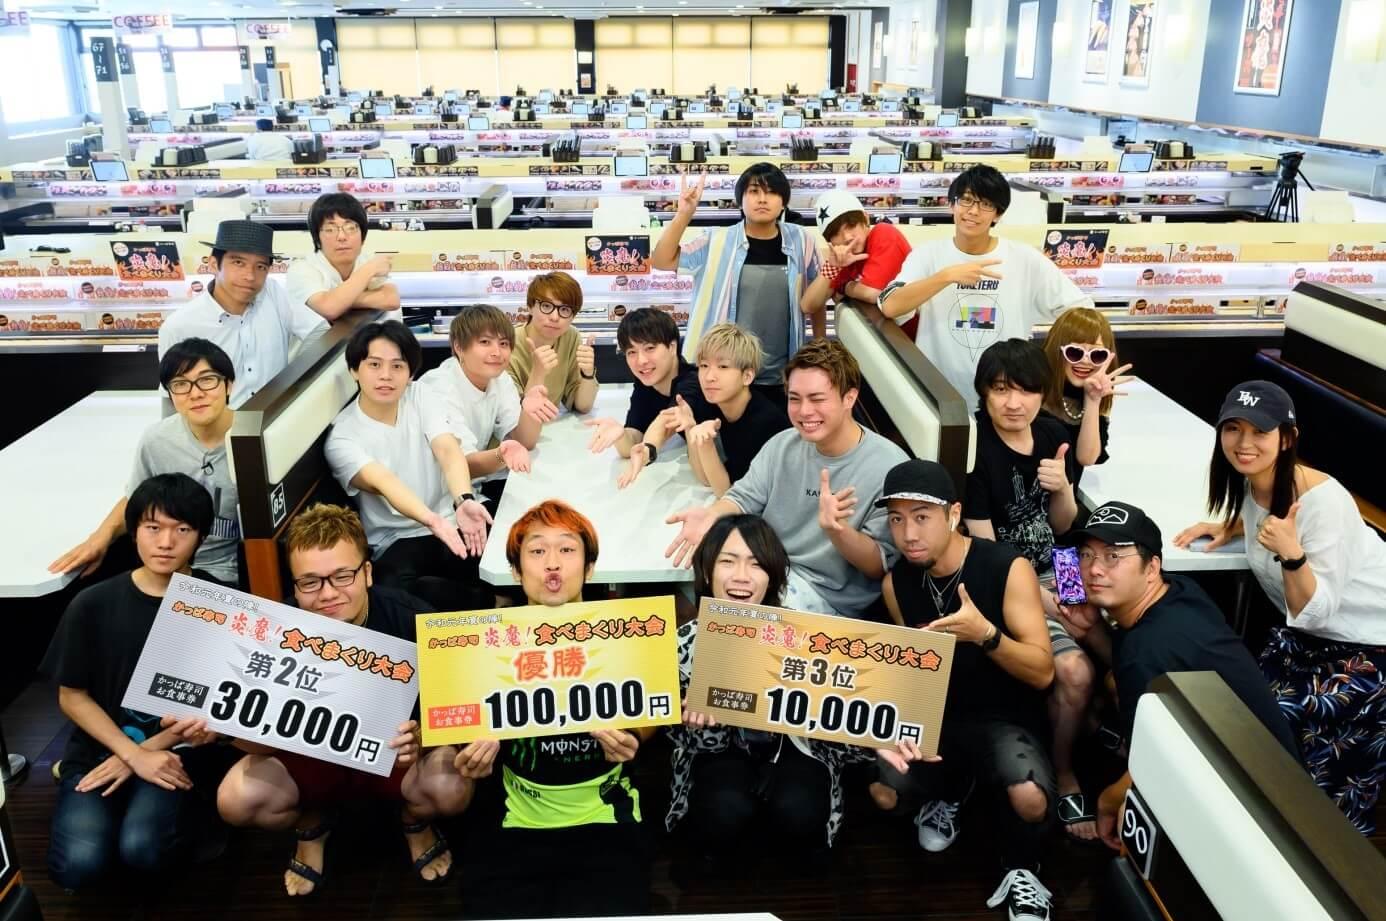 【総再生回数100万回越え】かっぱ寿司 Youtuberをノンタイアップでイベント集客